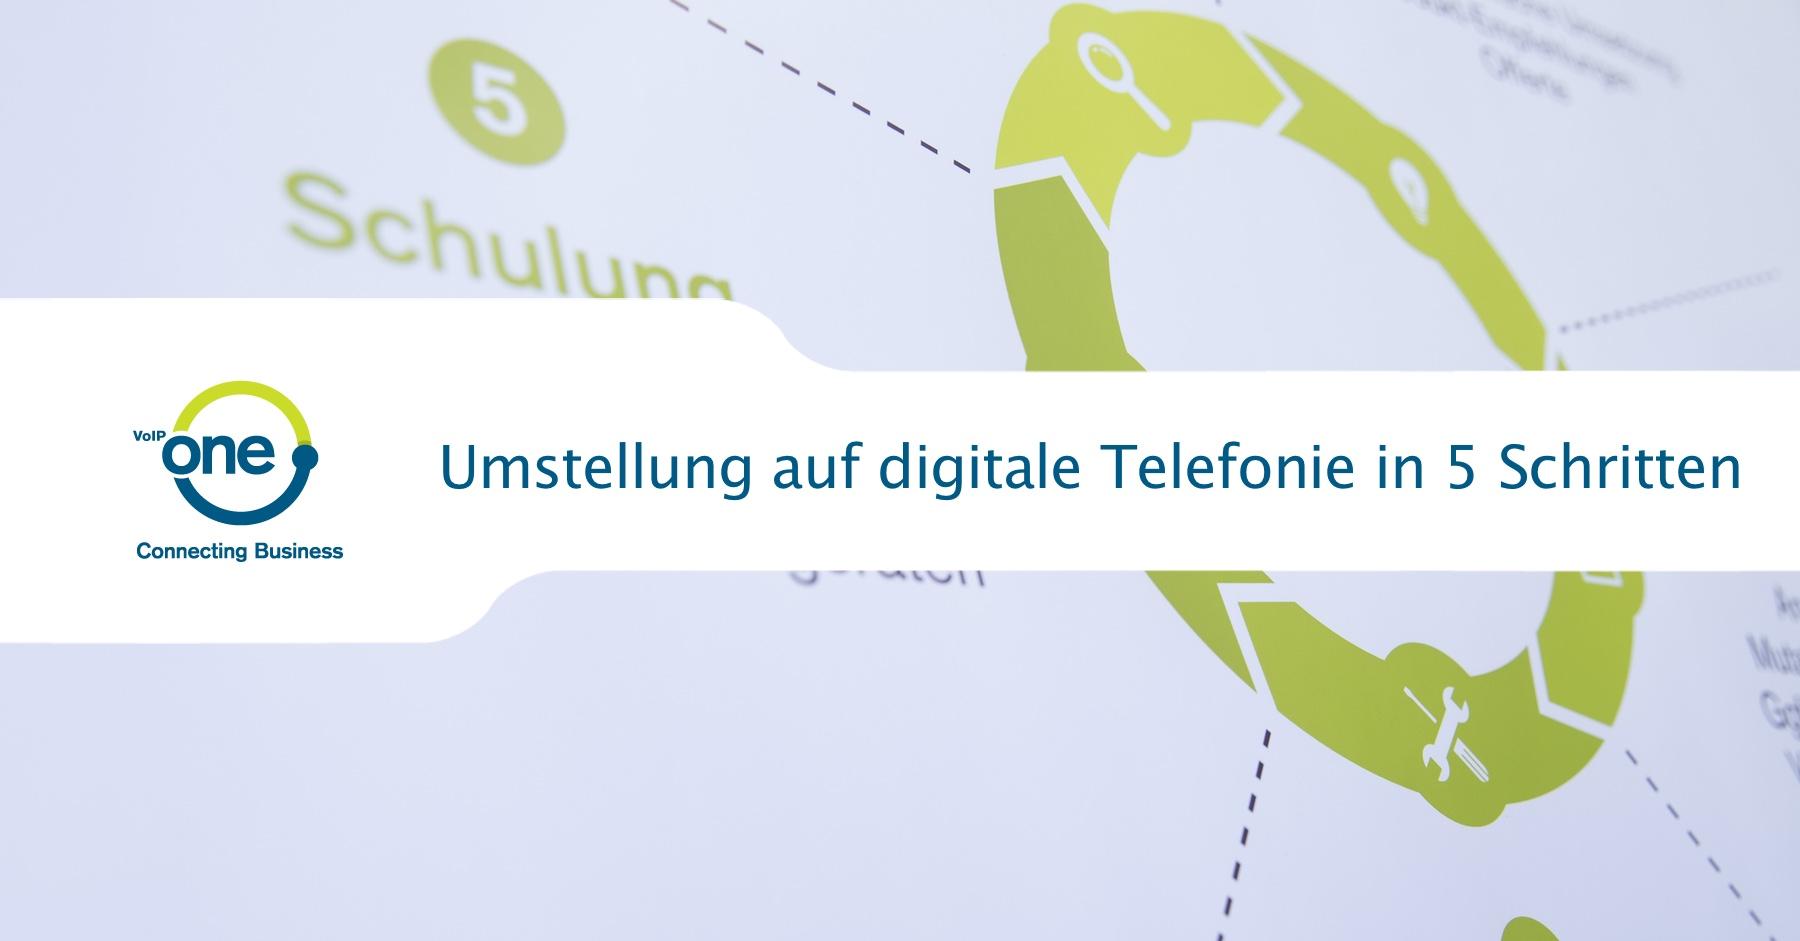 Umstellung auf digitale Telefonie in 5 Schritten